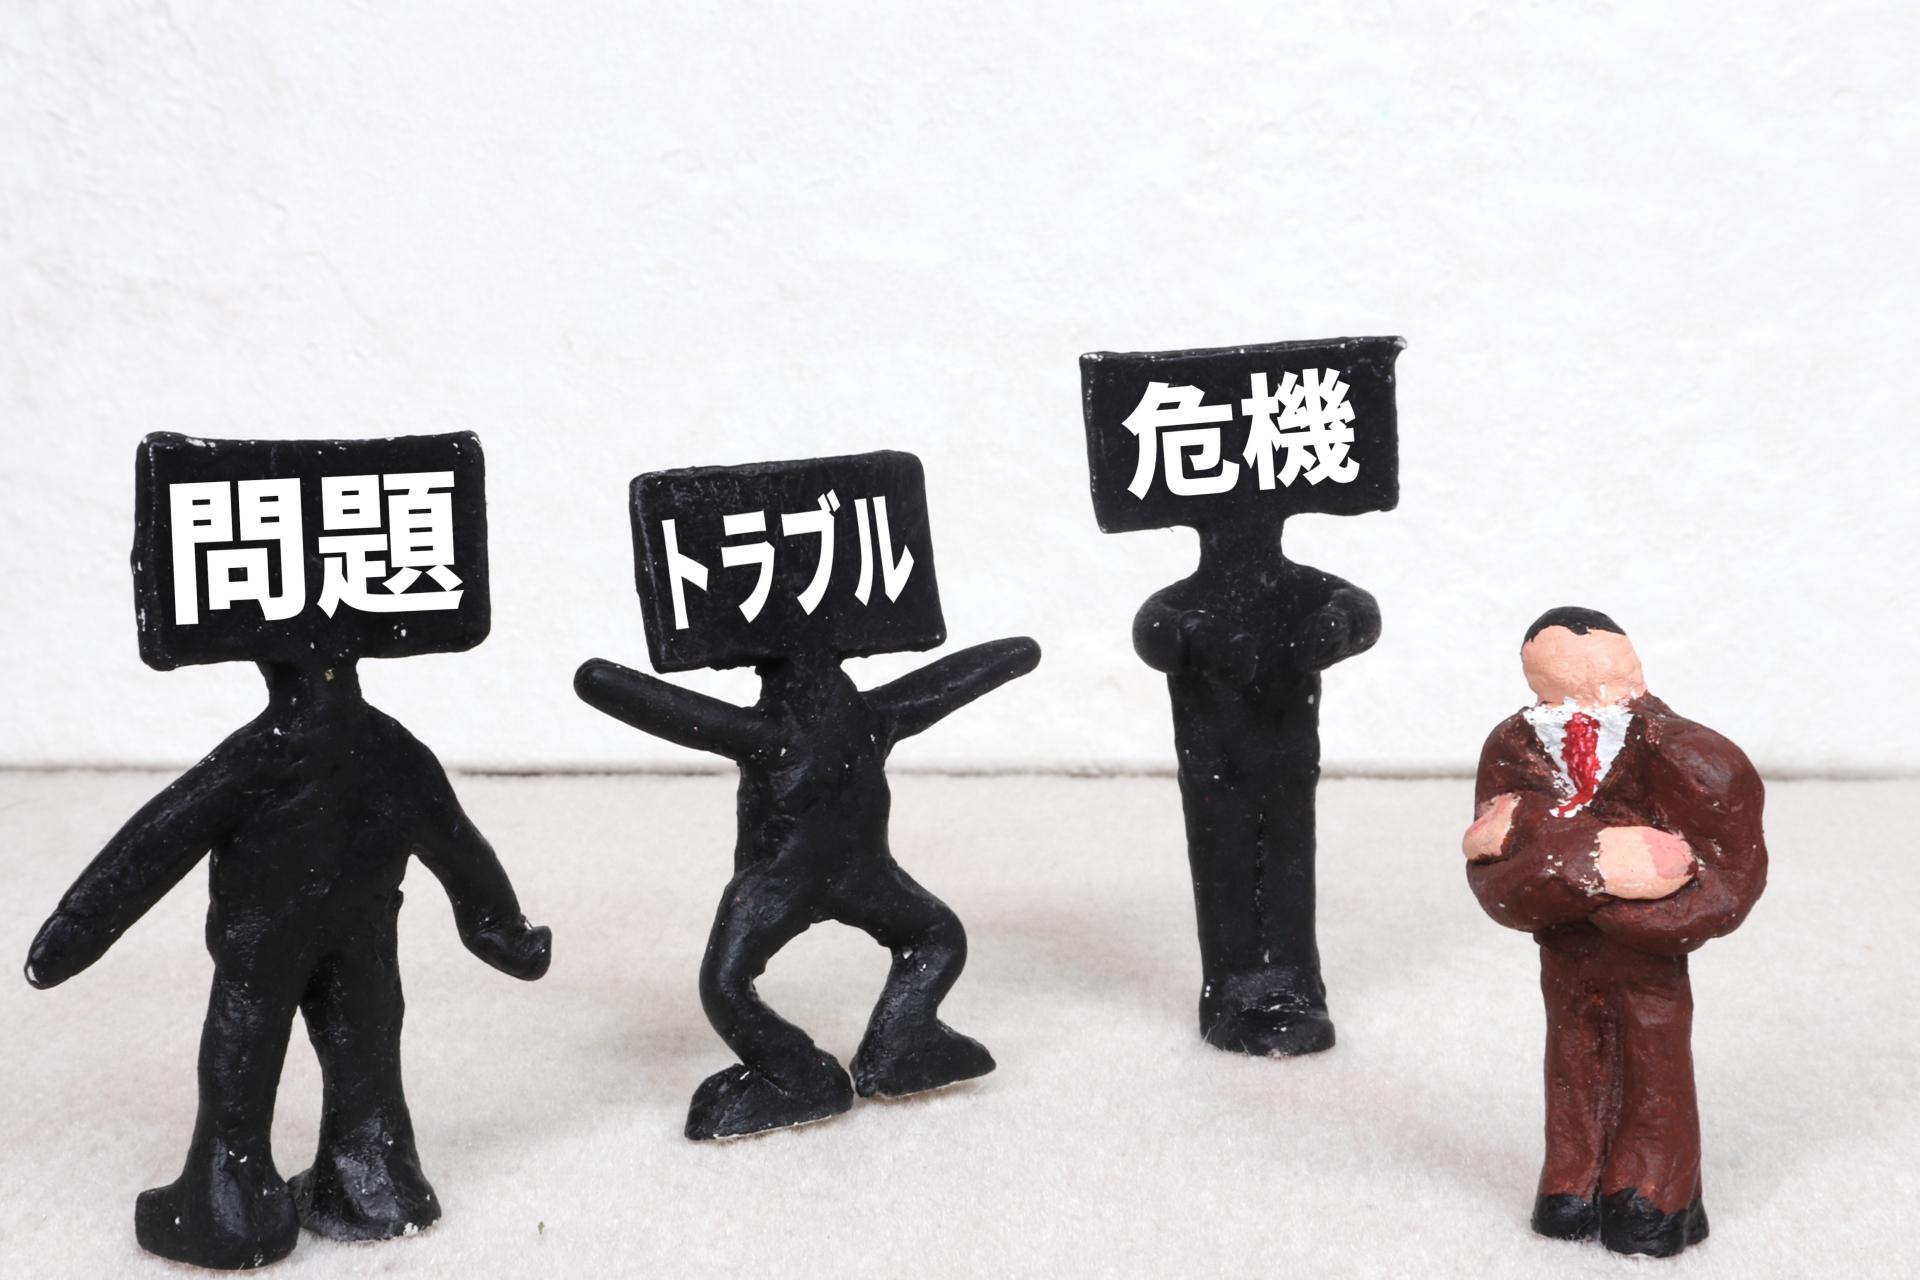 『継続貢献営業:法人保険営業のトップが語った本質的成功とは』(近代セールス社)